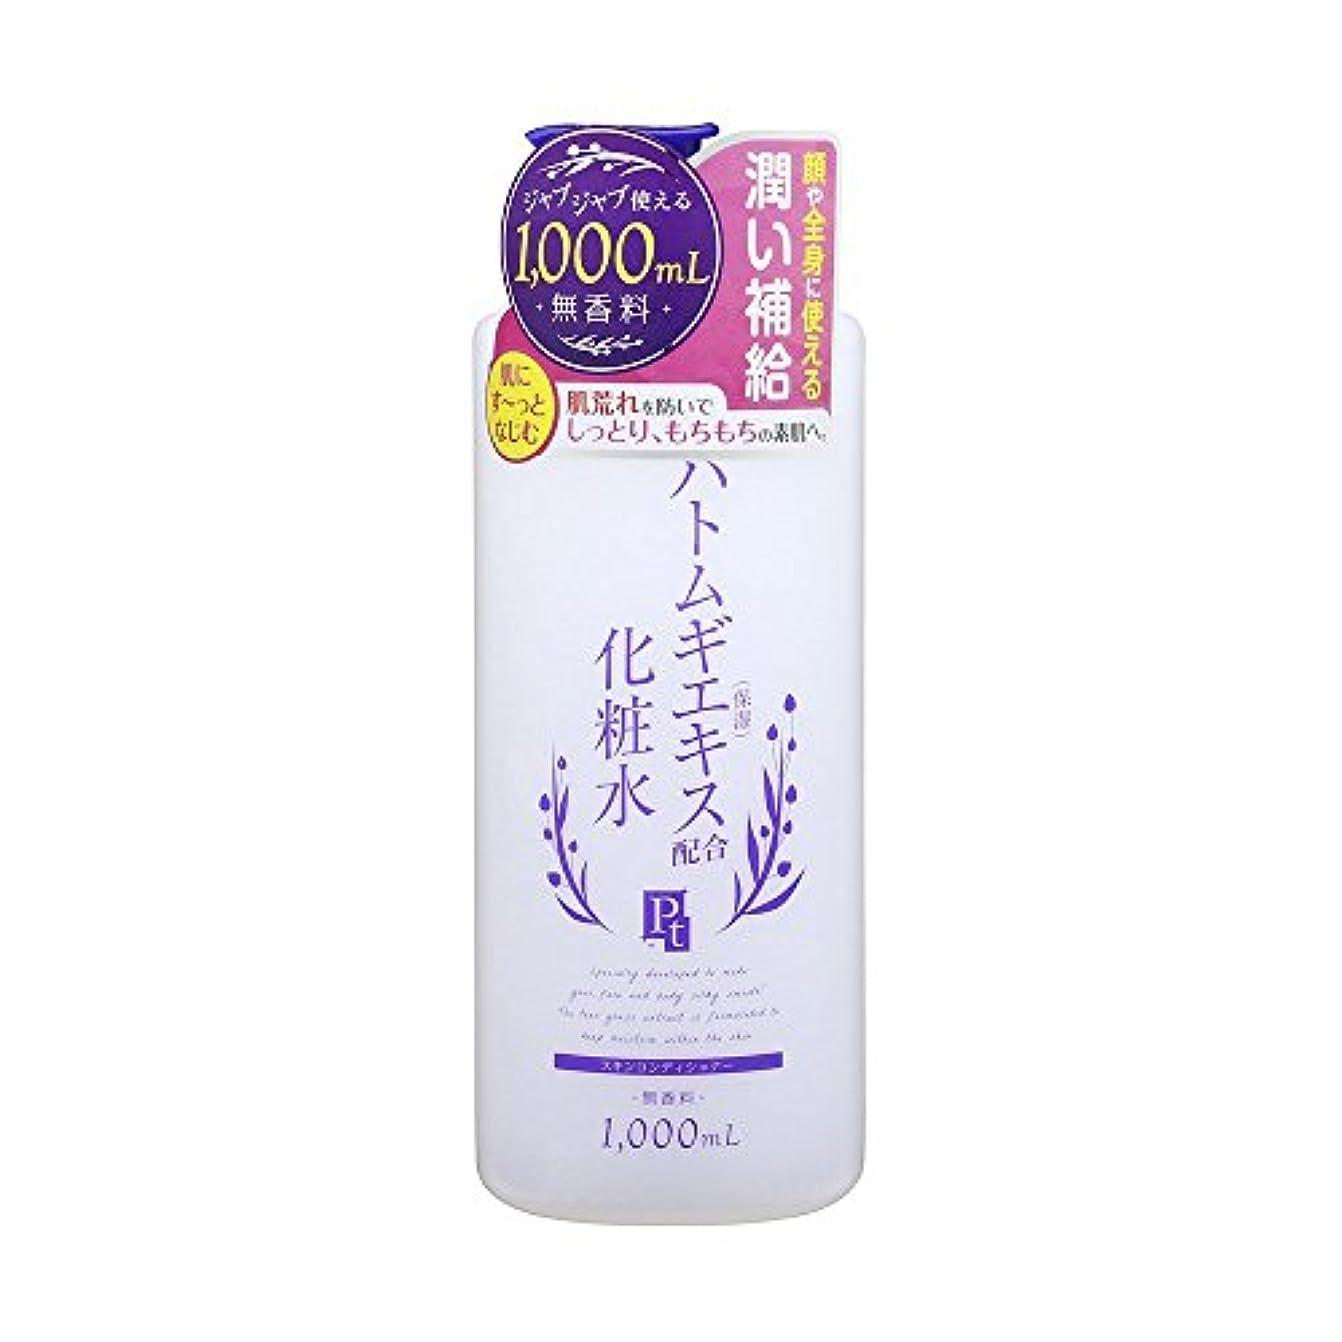 兄弟愛コスチューム極めてプラチナレーベル ハトムギ化粧水